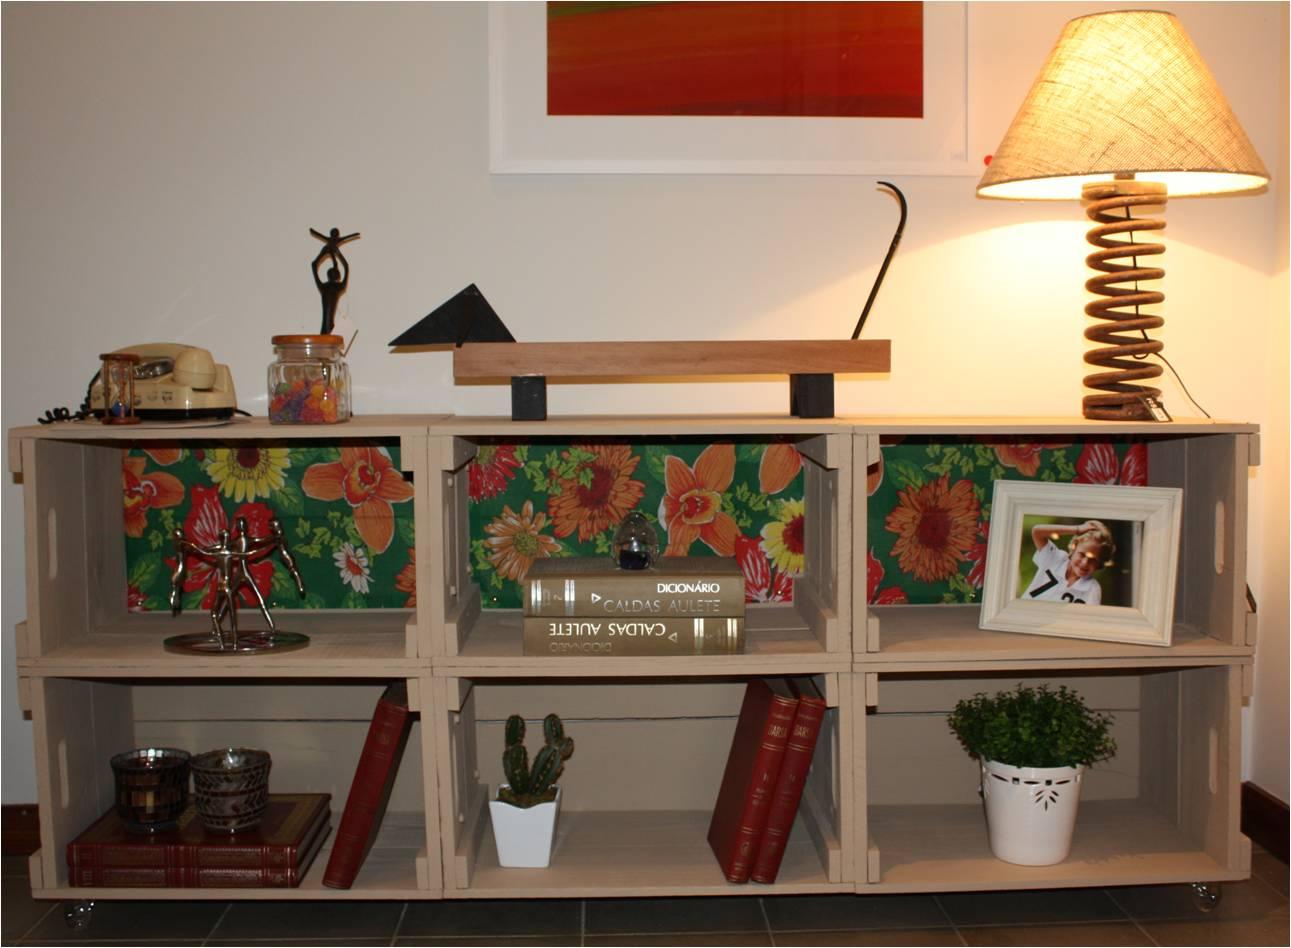 CASA MIDDAS: Pallets caixotes e carreteis reciclados na decoração #C67605 1291x948